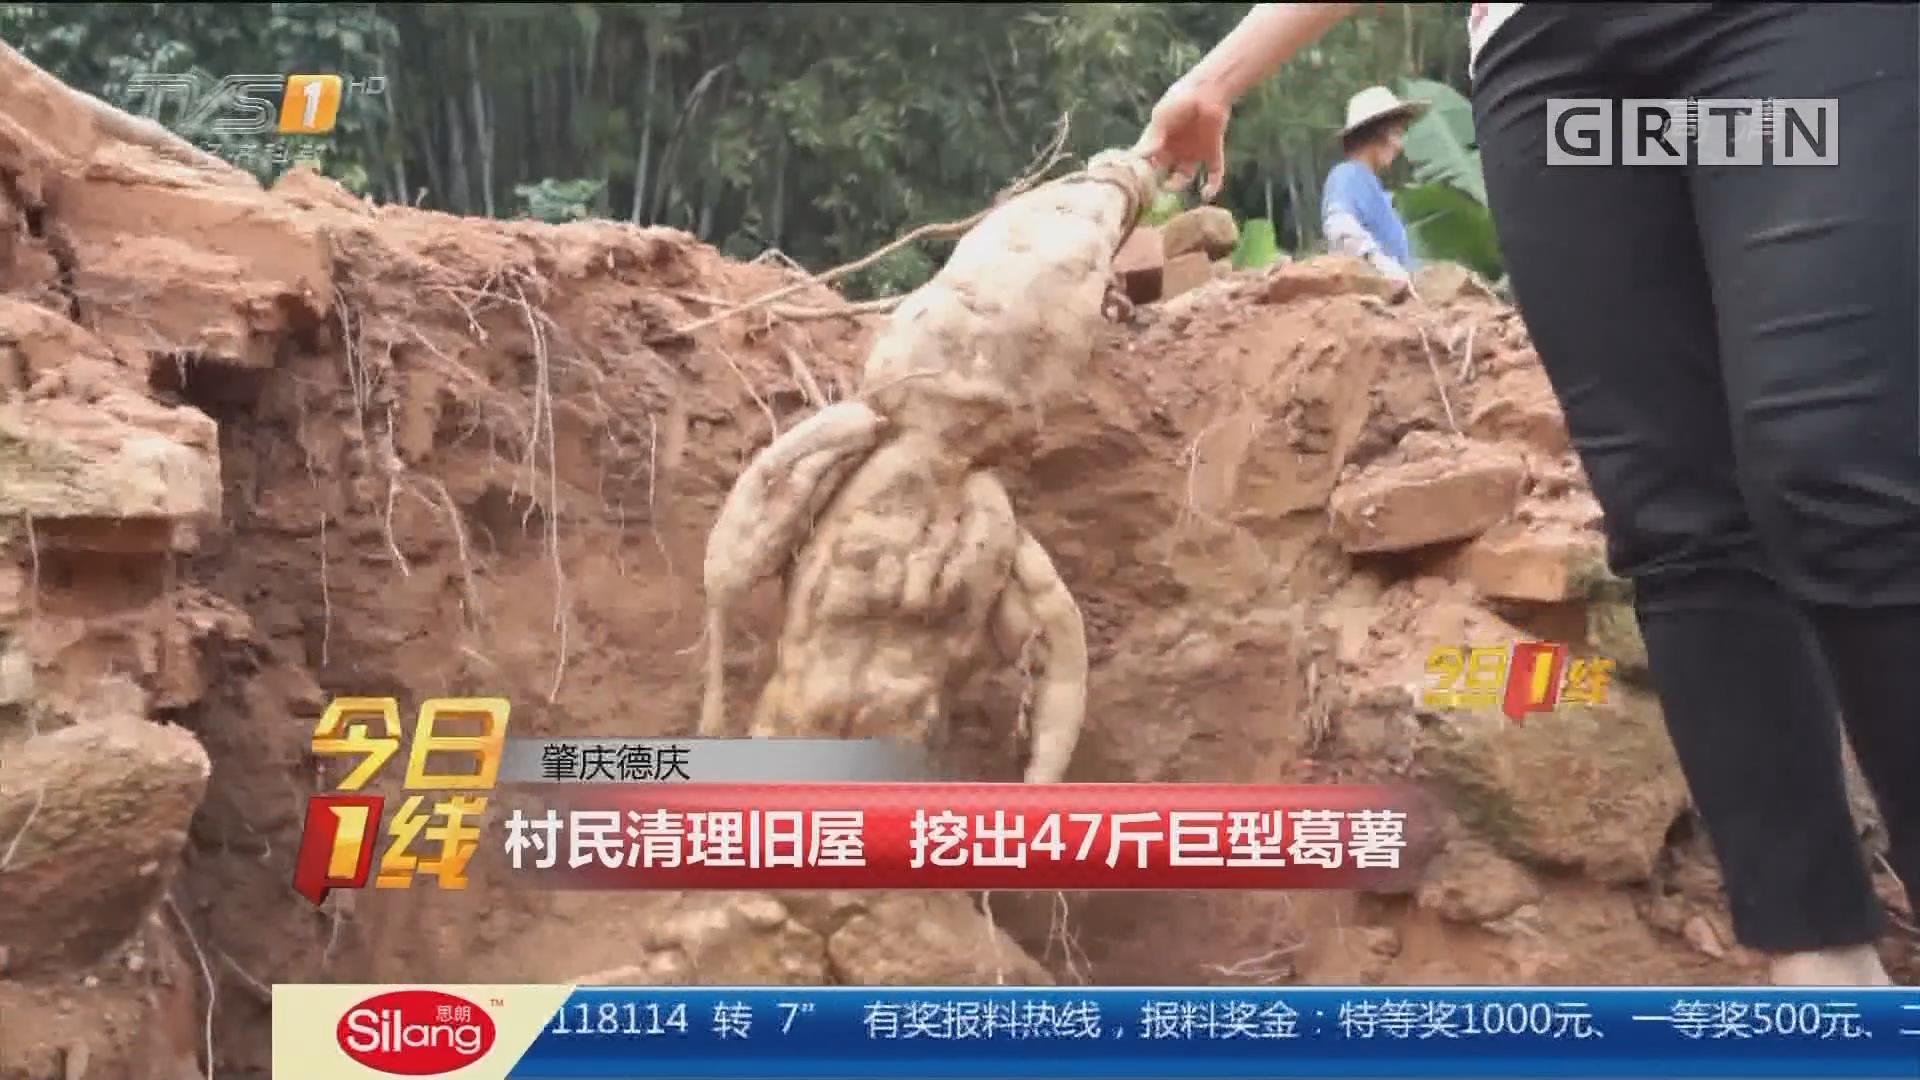 肇庆德庆:村民清理旧屋 挖出47斤巨型葛薯